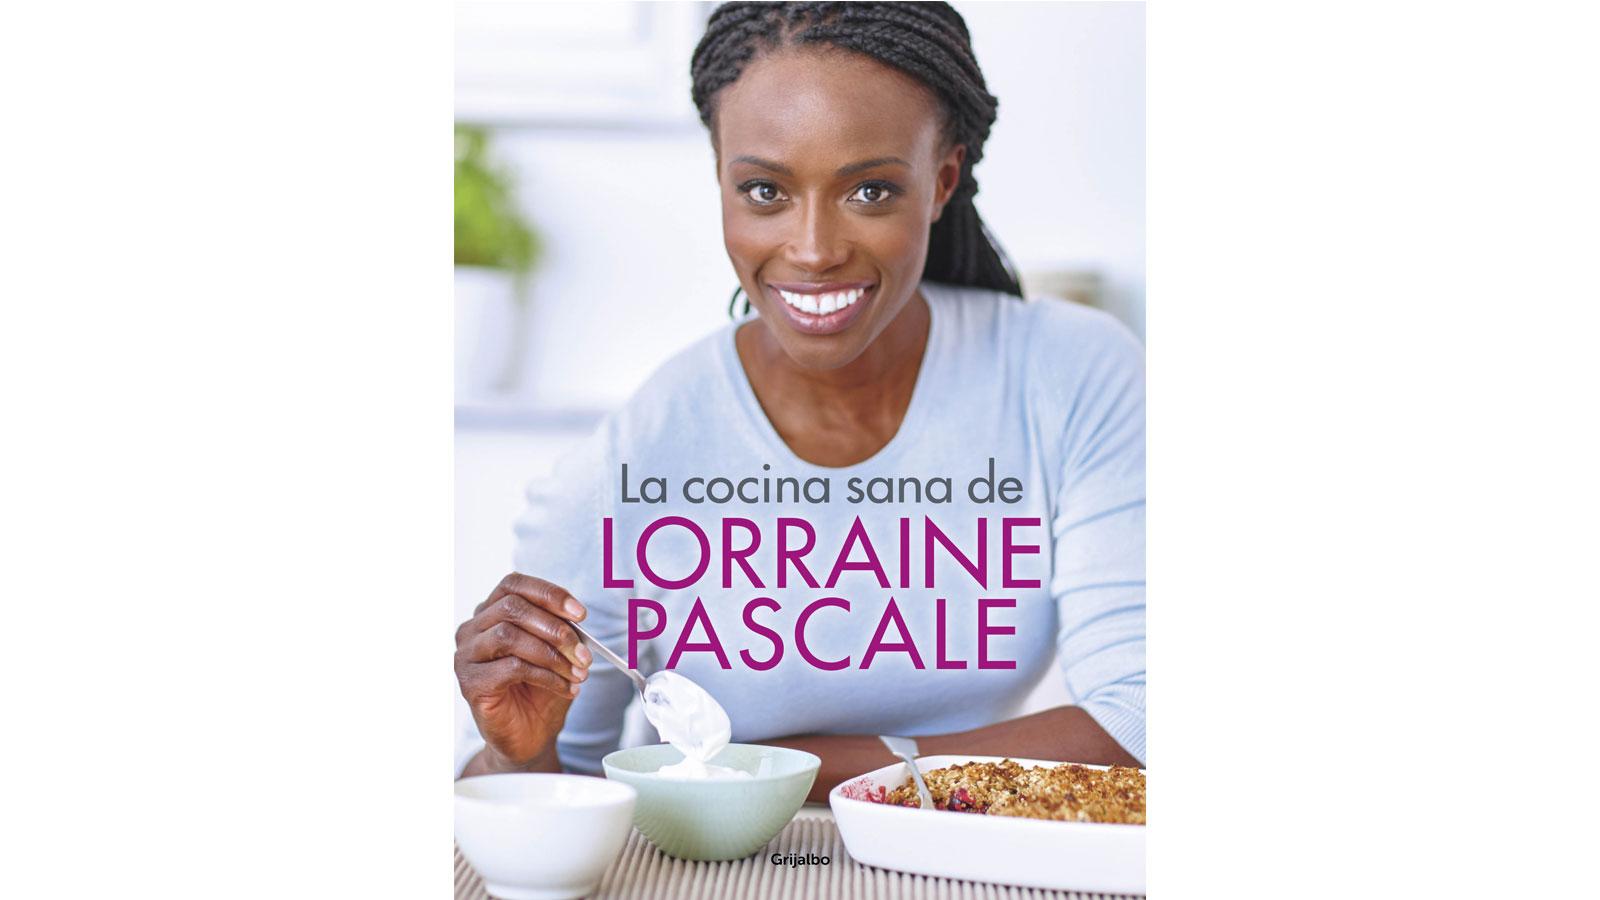 La chef de canal cocina lorraine pascale publica la cocina for Canal cocina cocina de familia